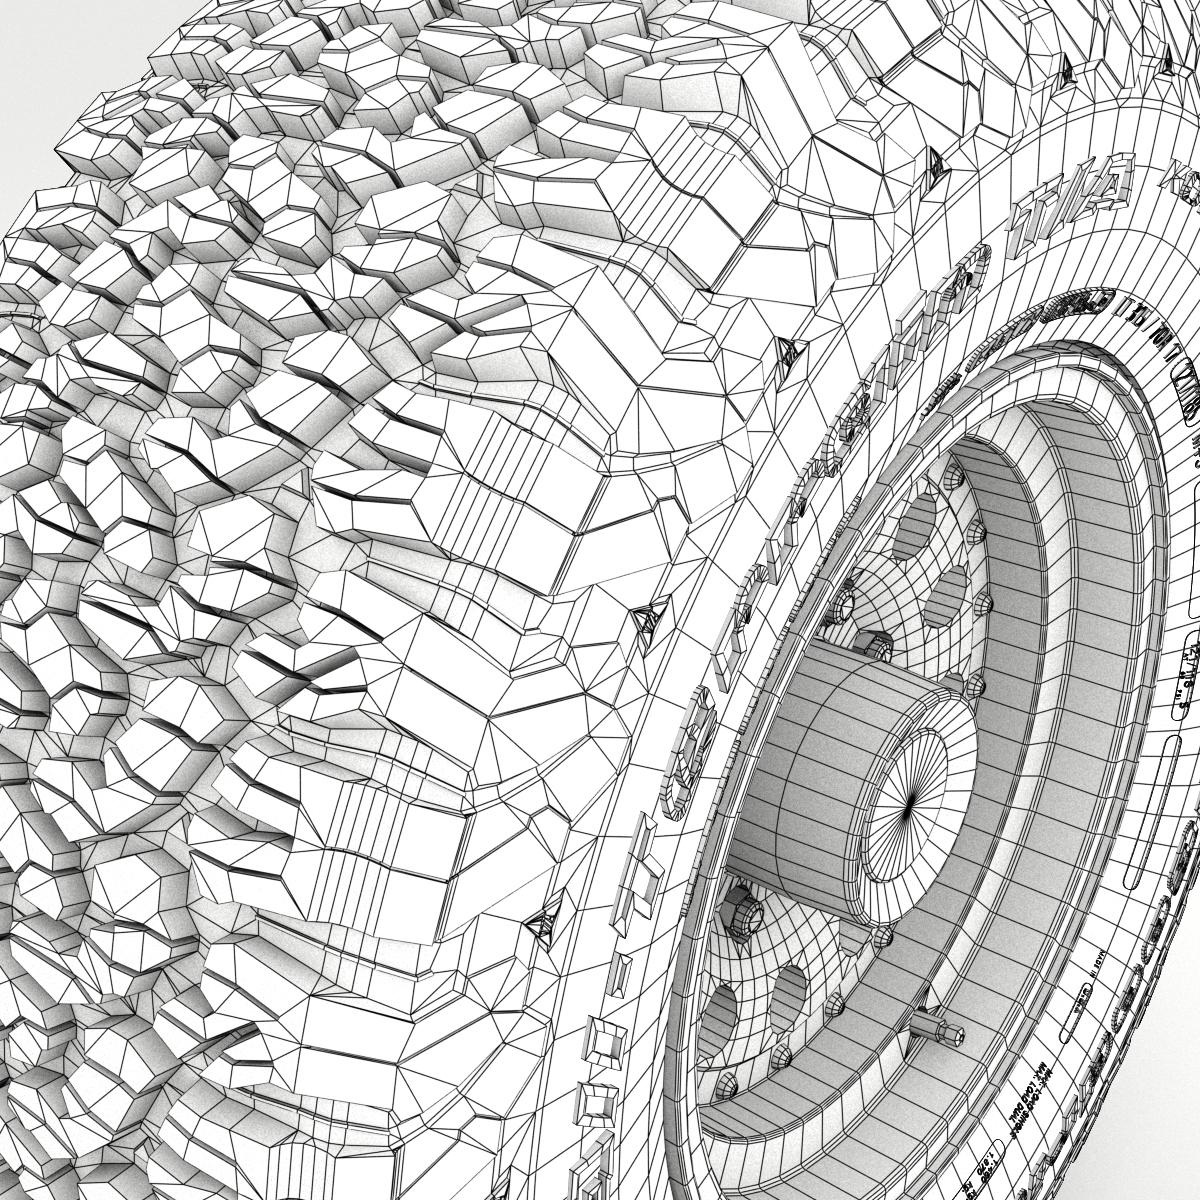 off road wheel and tire 5 3d model 3ds max fbx tga targa icb vda vst pix obj 224476